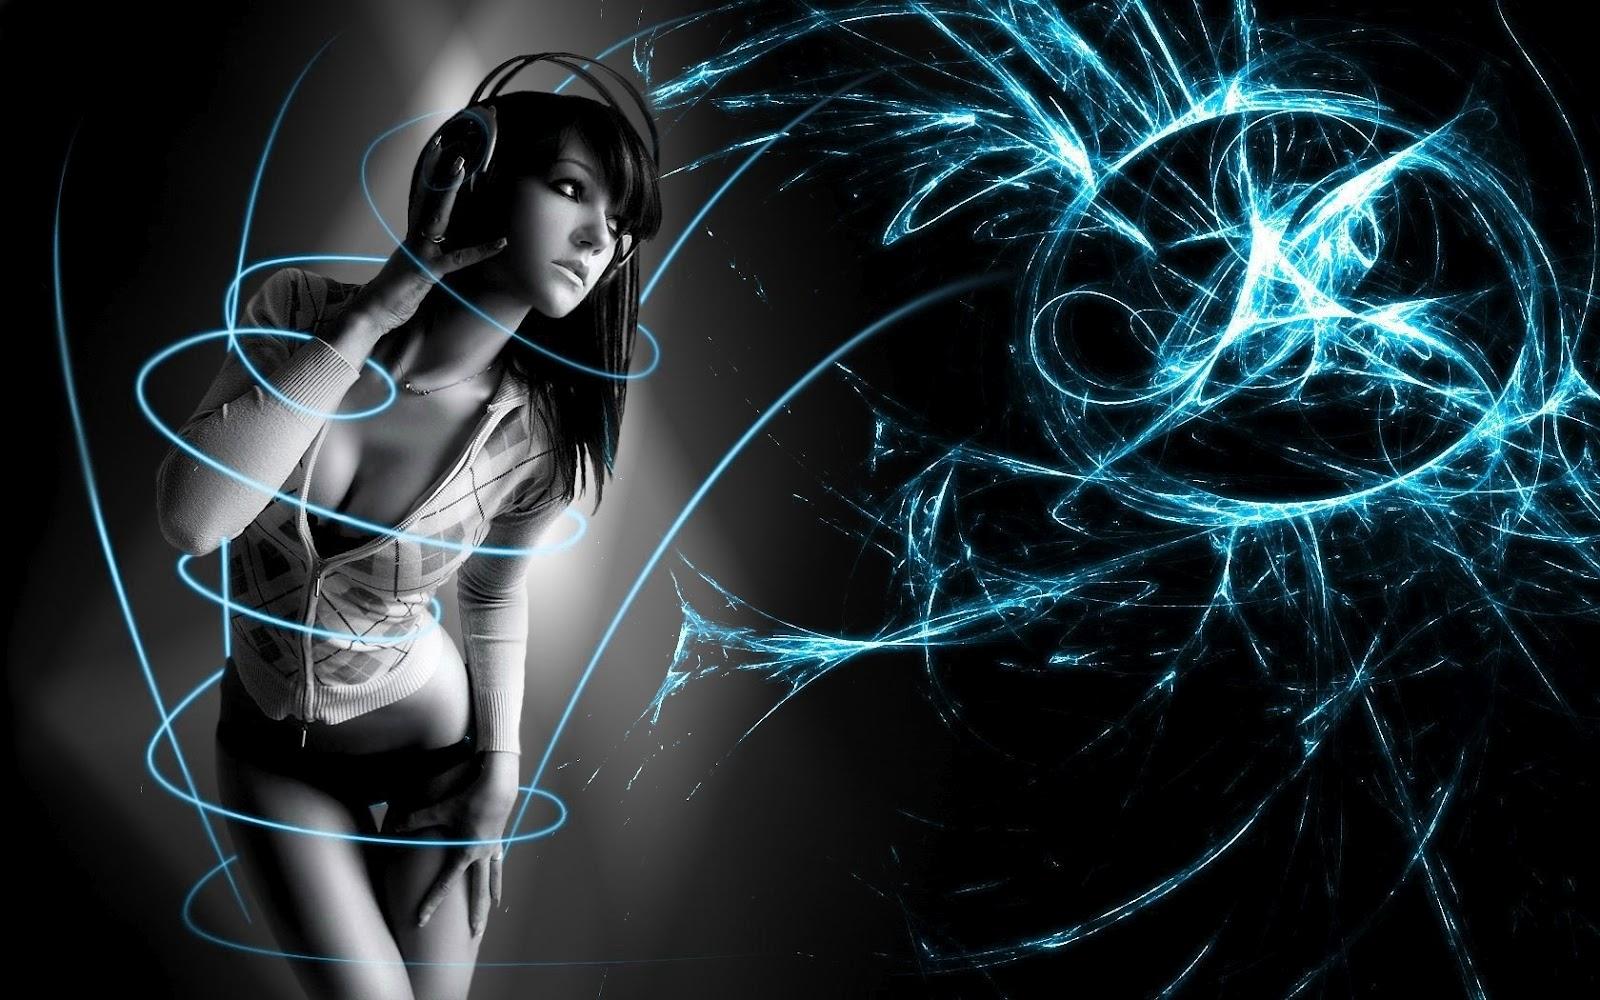 http://4.bp.blogspot.com/-z2pNdViCABk/T-YWAiGAugI/AAAAAAAAAEI/GNvlHQeC9qk/s1600/12733_abstract_headphones_HotGirl.jpg